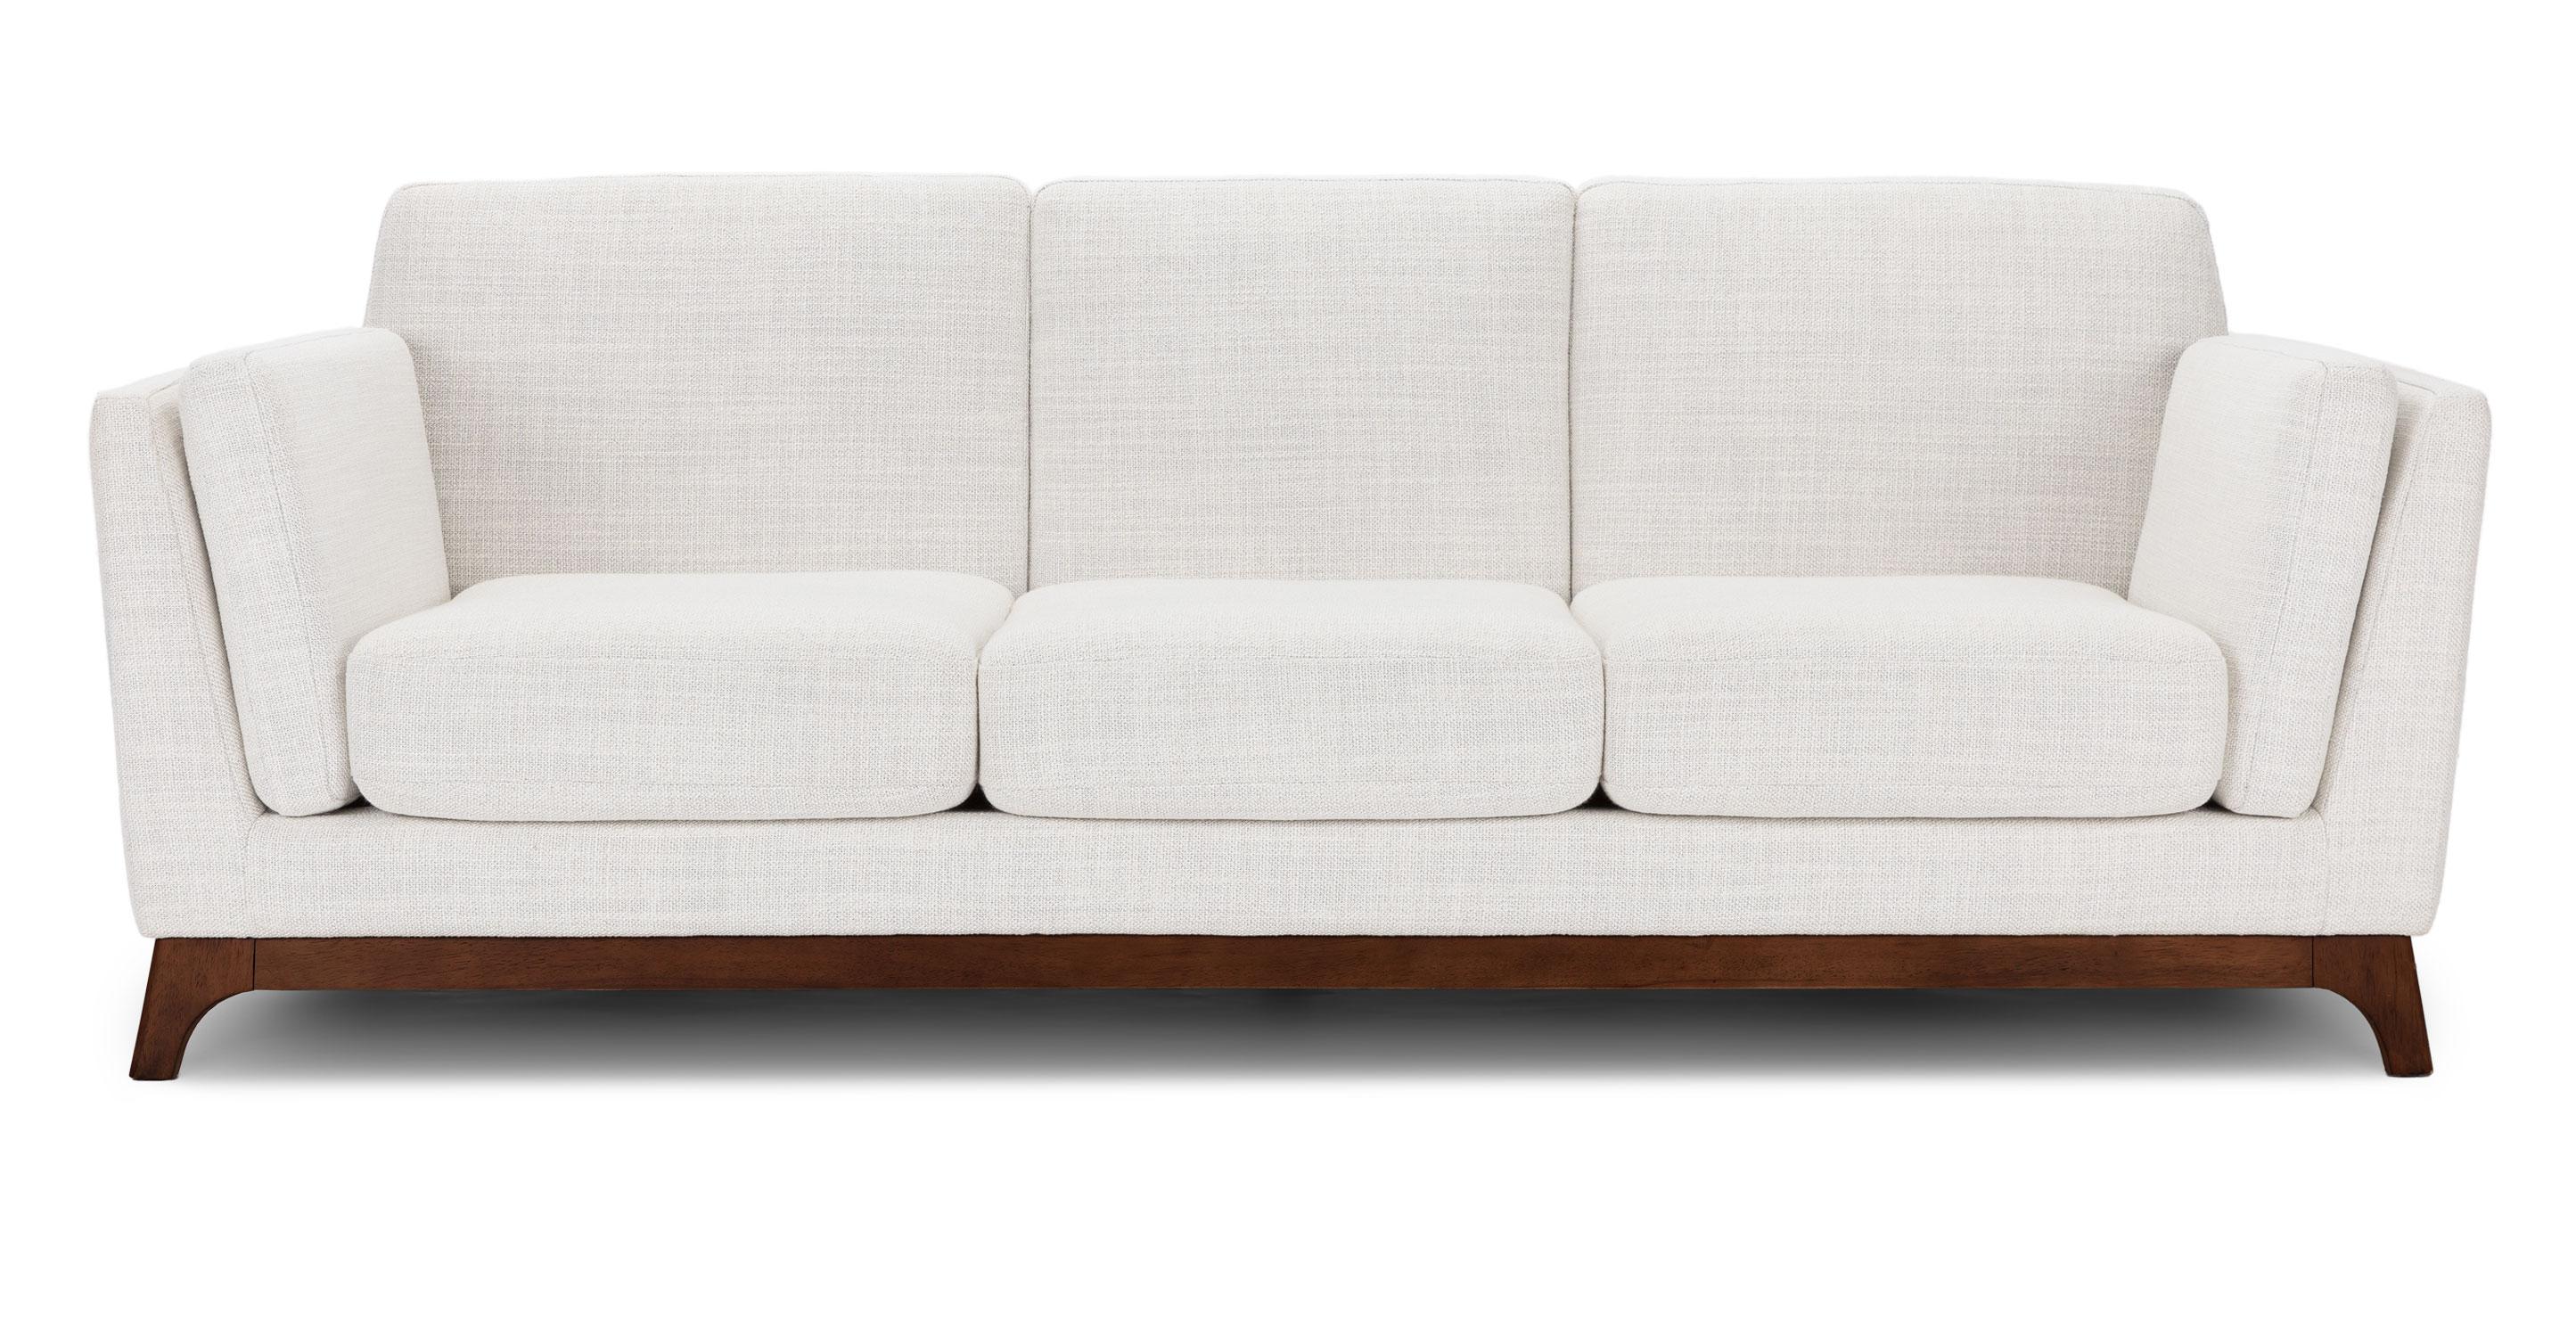 ceni fresh white sofa - sofas - article | modern, mid-century UEEZRPO